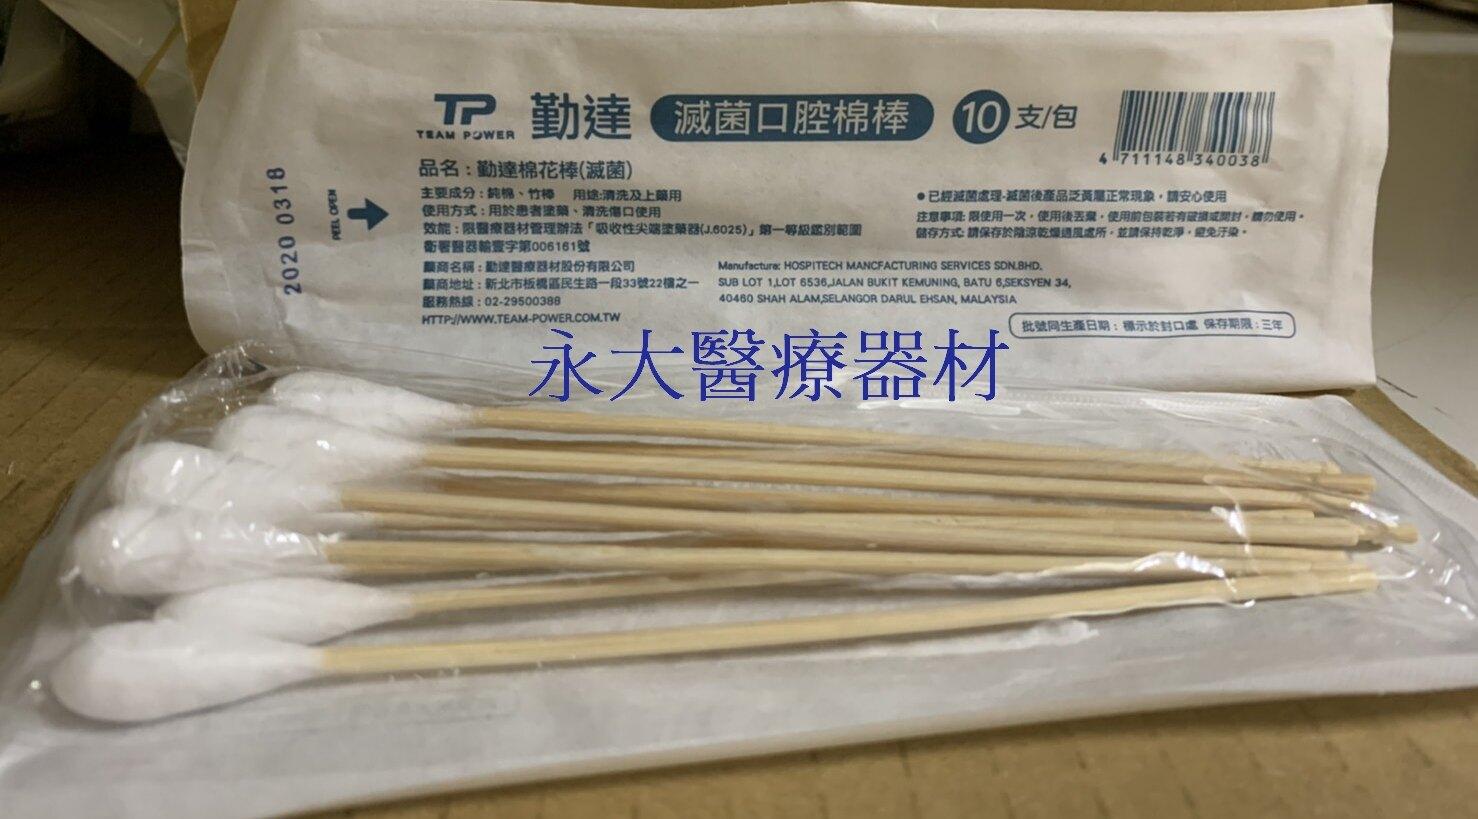 永大醫療~勤達 滅菌口腔棉棒 (10支/包) 3元~